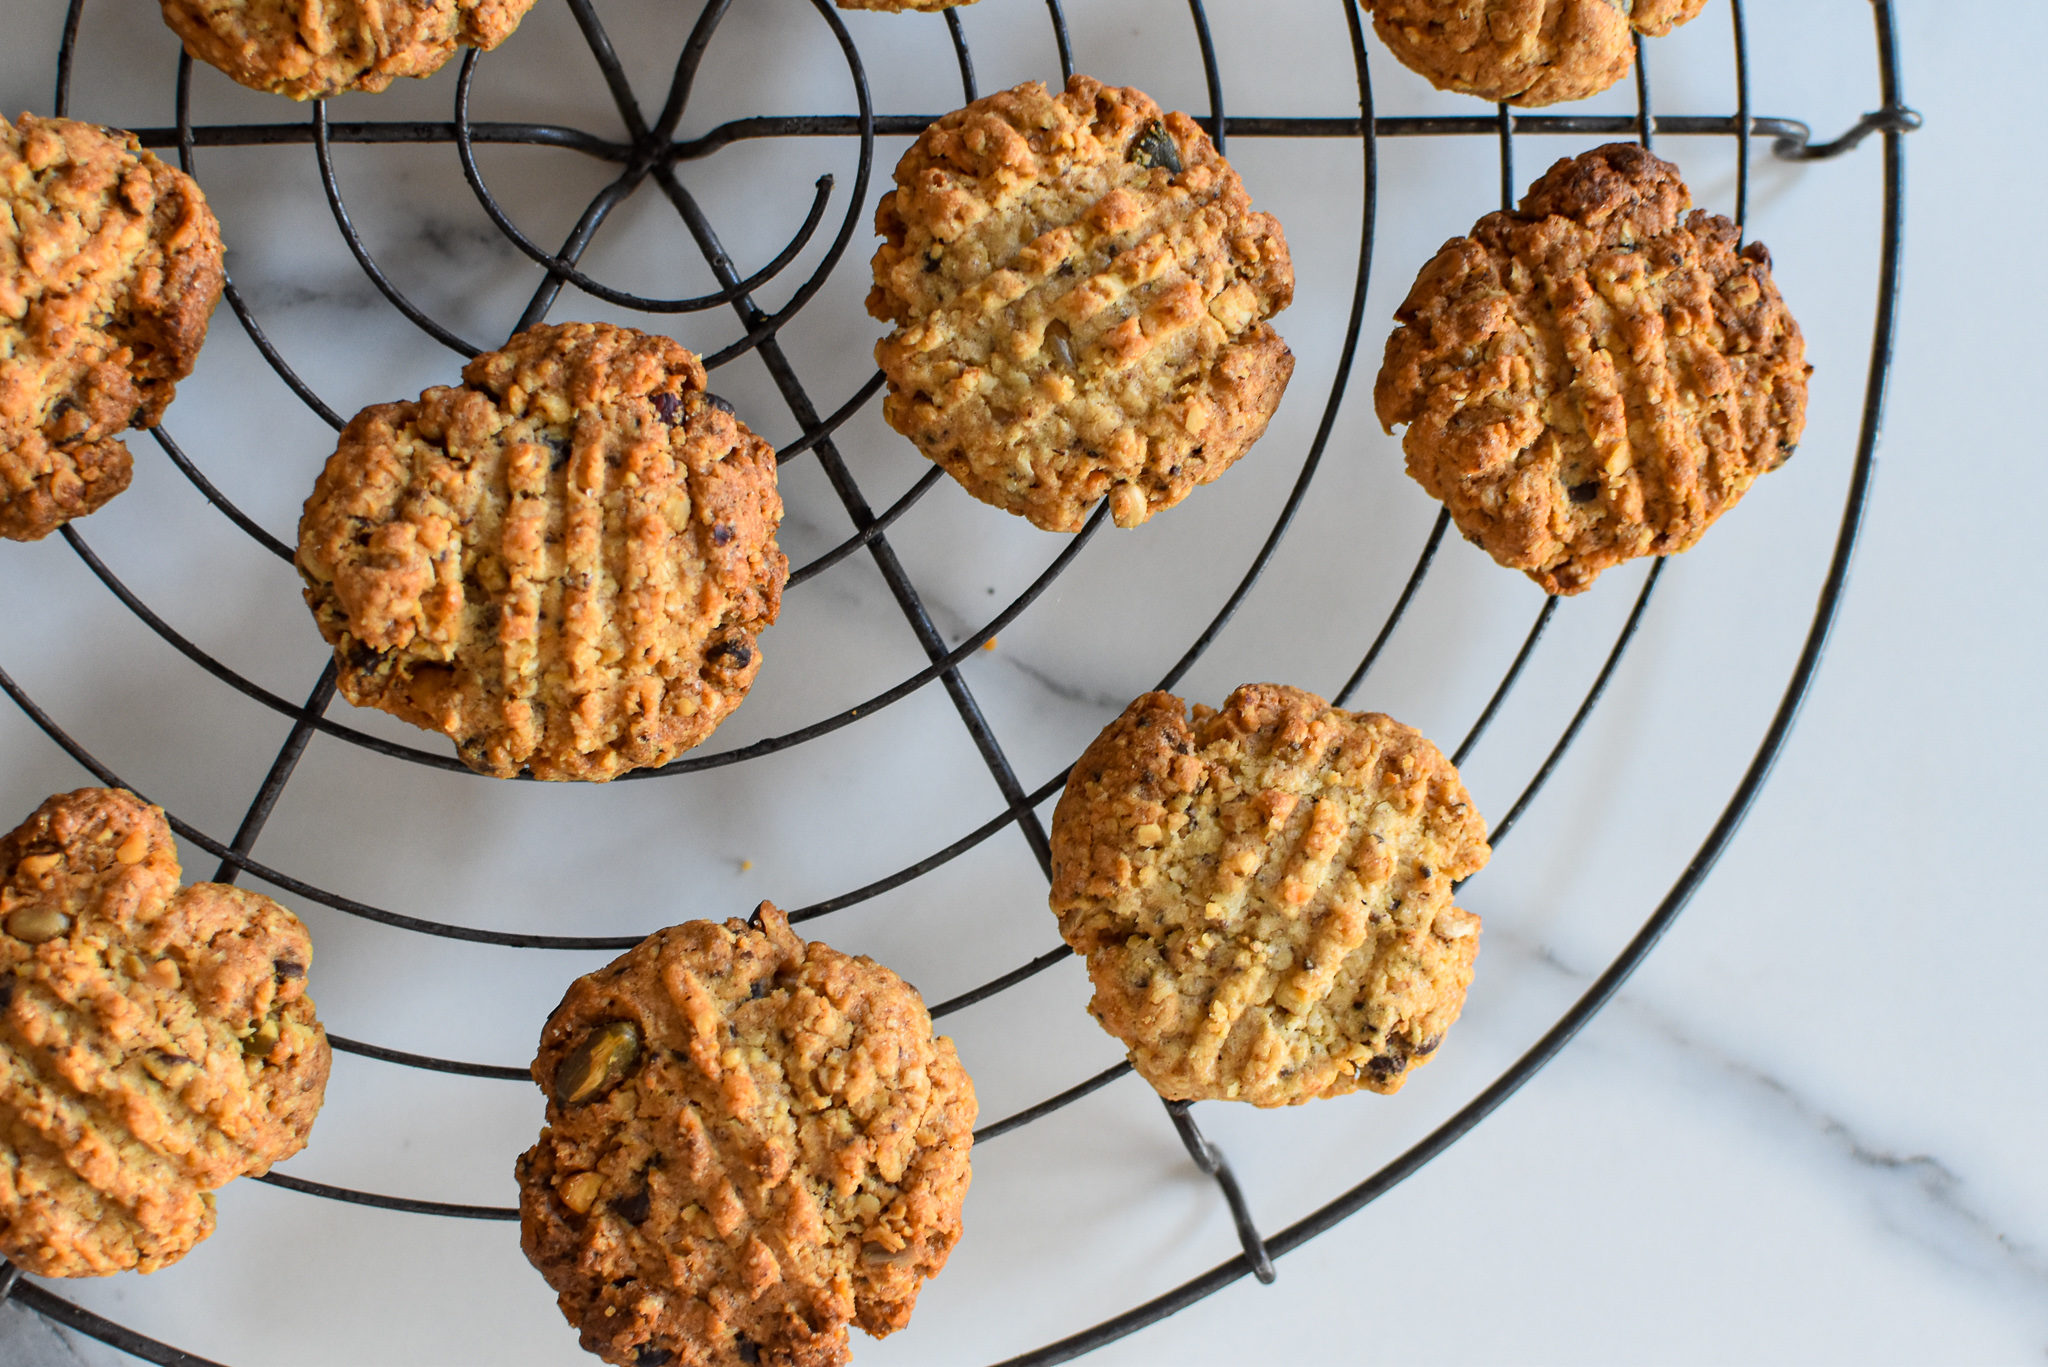 Krokante havermout koekjes met chocolade en noten